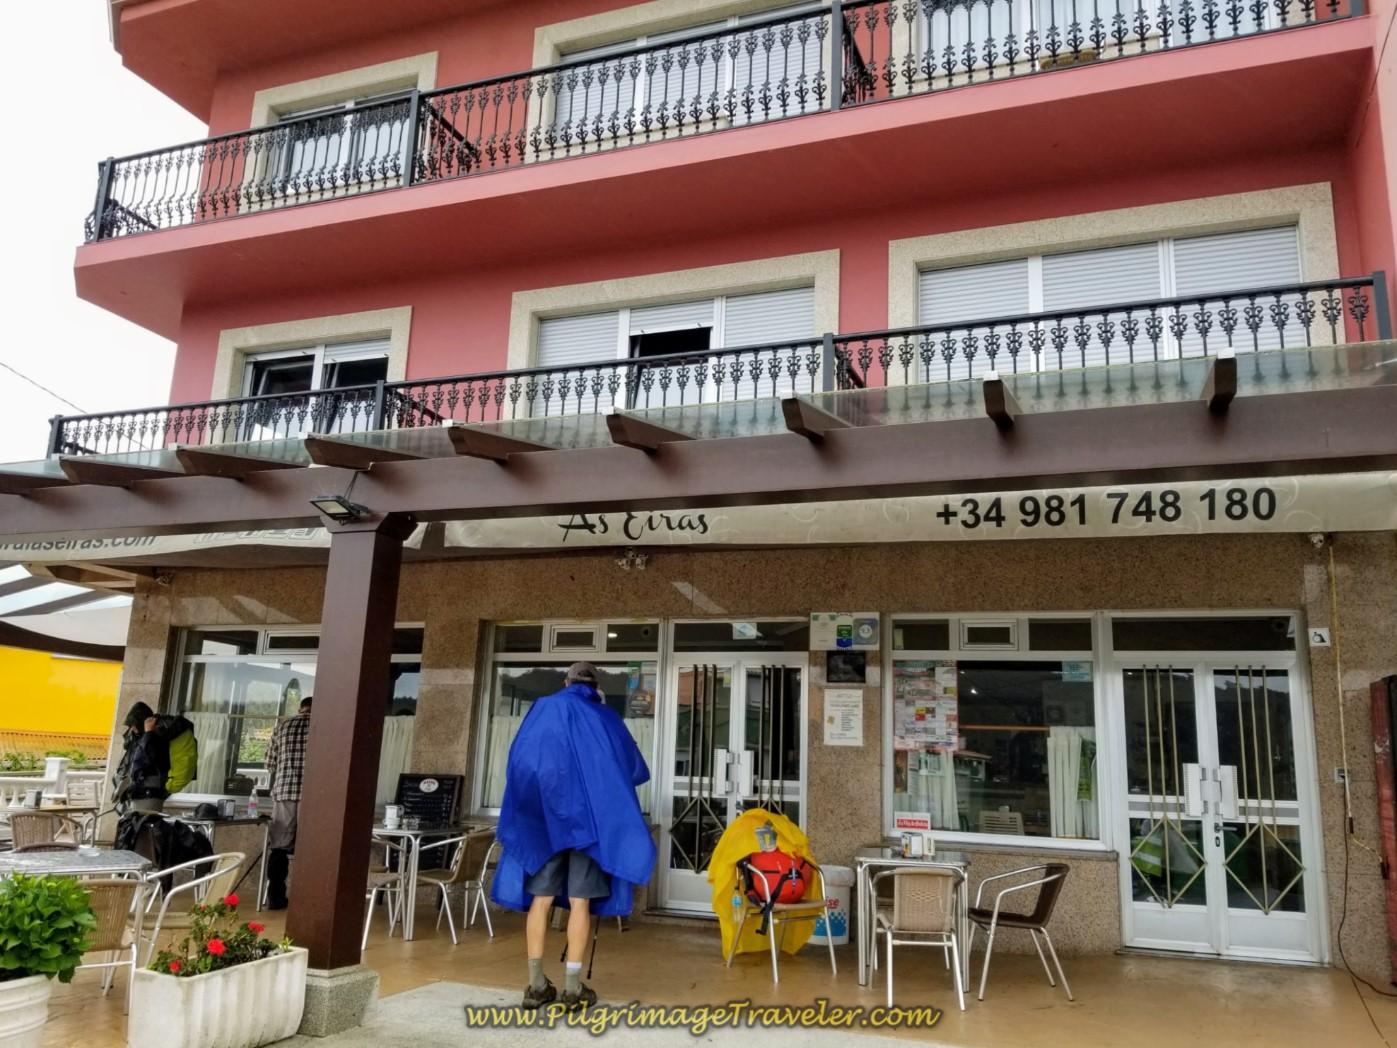 Café As Eiras in Lires